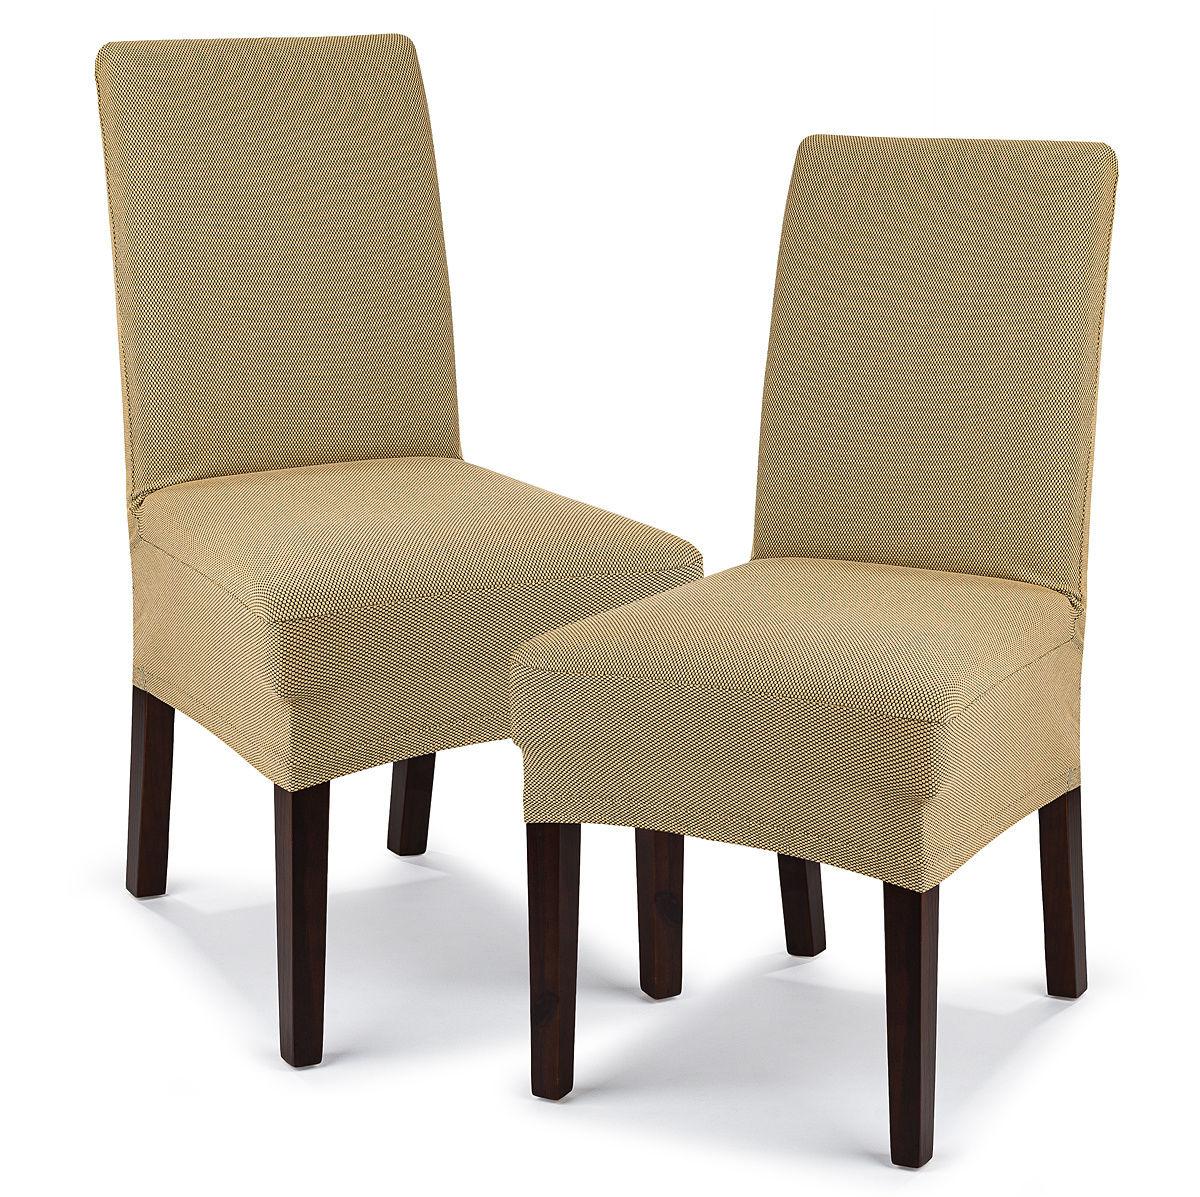 4Home Multielastyczny pokrowiec na krzesło Comfort, beżowy, 40 - 50 cm, zestaw 2 szt.